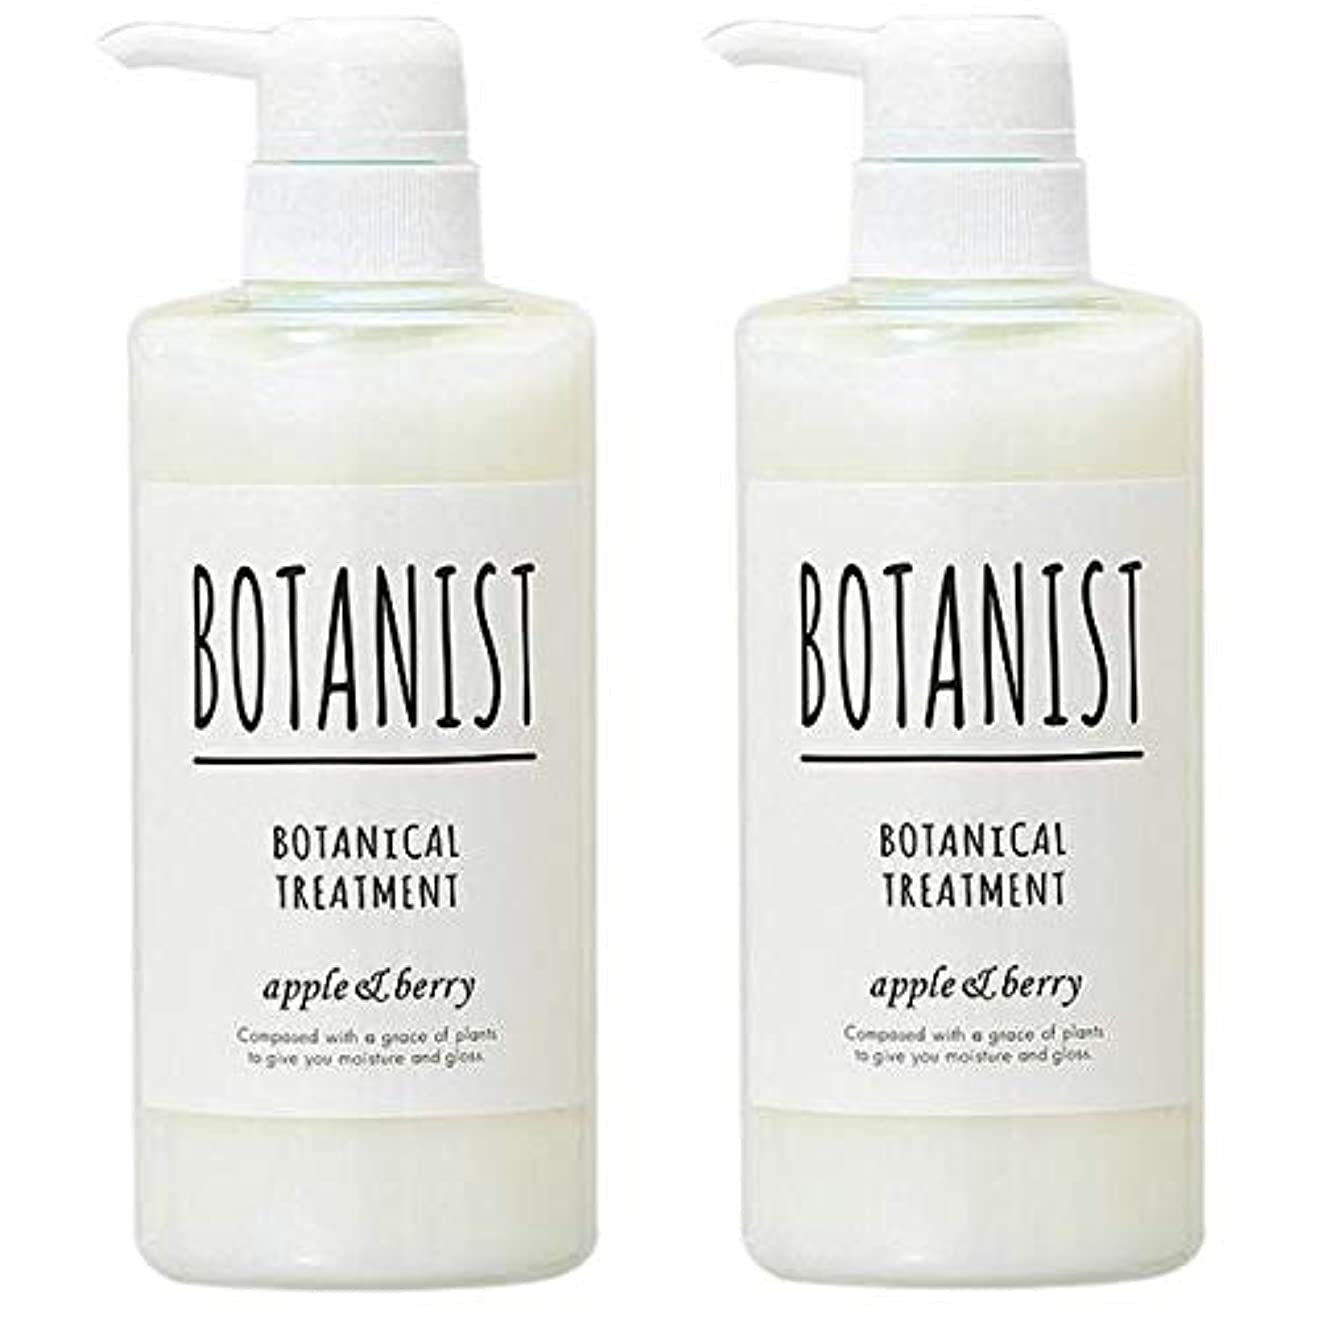 胆嚢理解クラッシュボタニスト BOTANIST ボタニカルトリートメント スムース アップル&ベリー 490g 【2個セット】